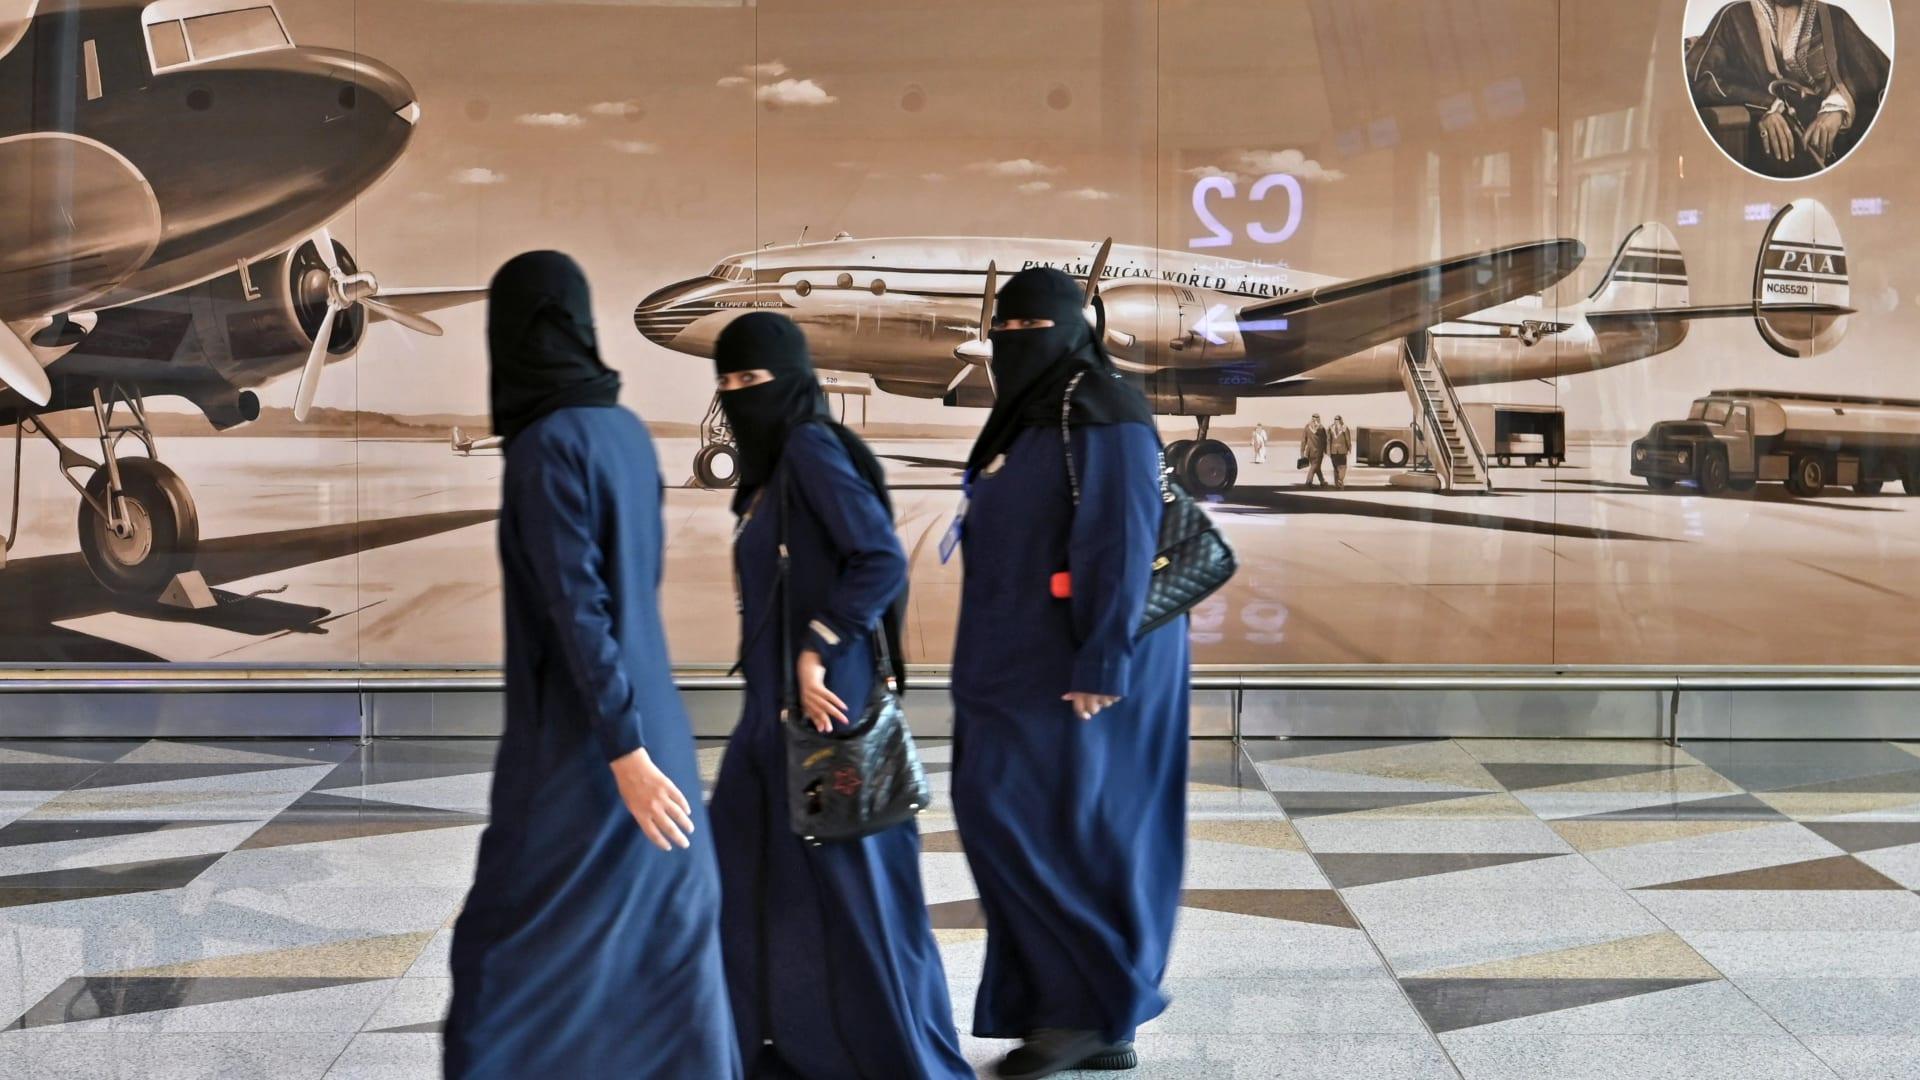 اكتتاب أرامكو كشف قيمتها بعد الغموض.. كيف فعلتها السعودية؟